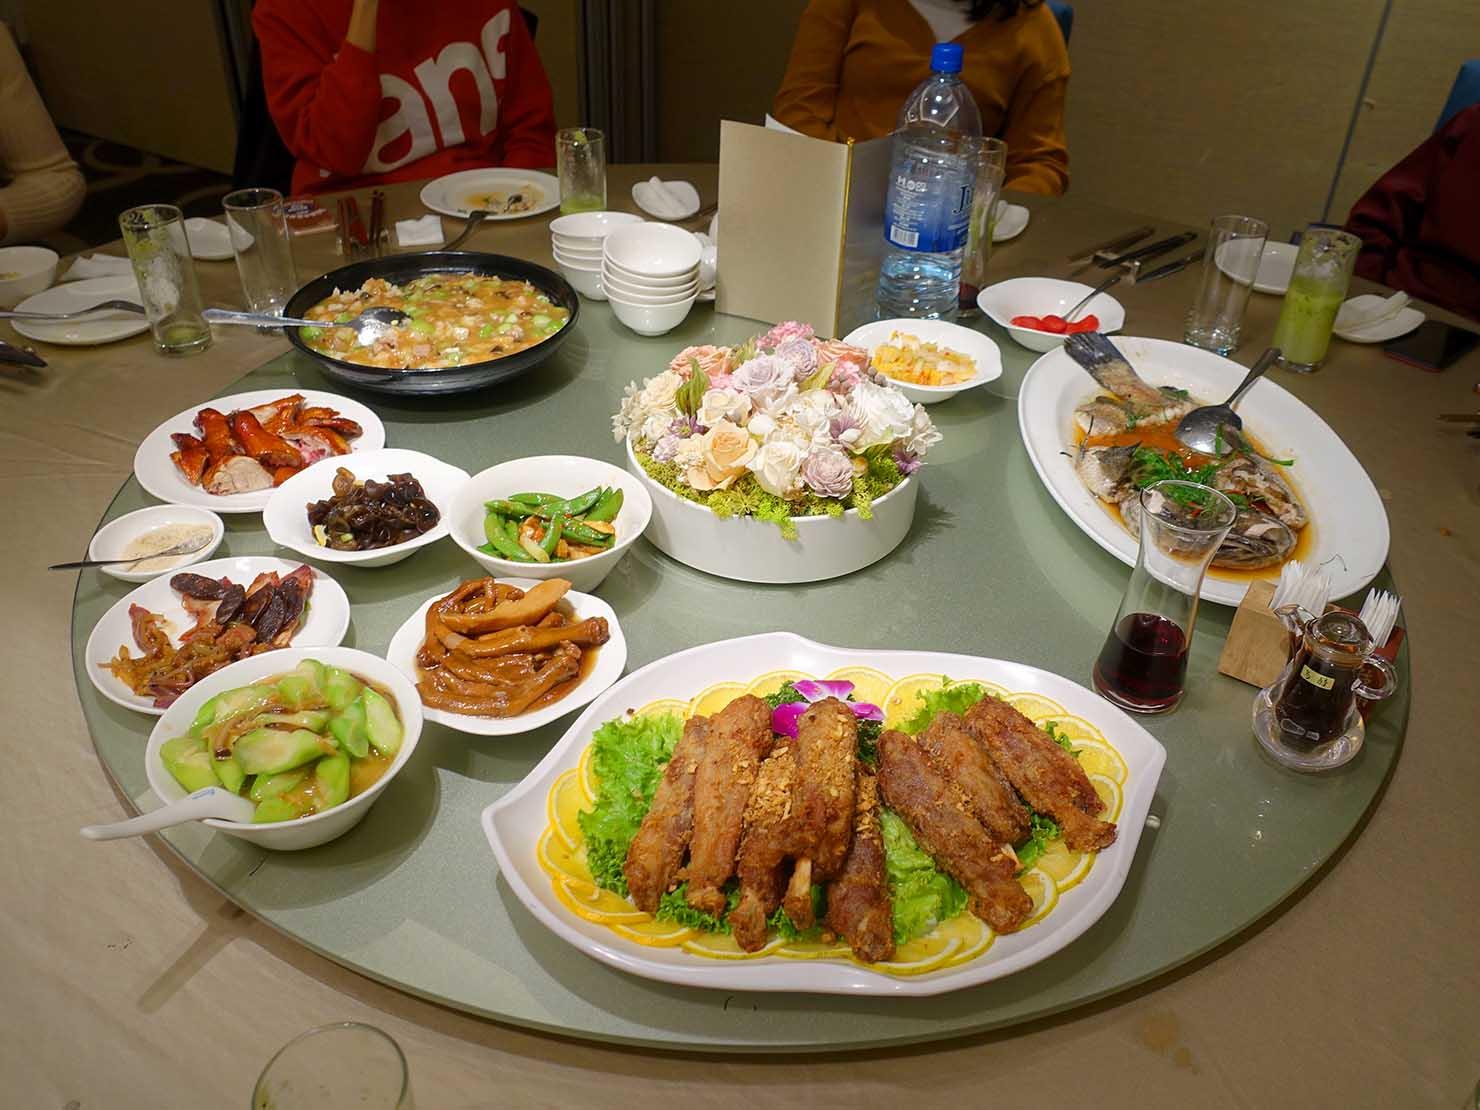 台湾春節前の定番忘年会「尾牙(ウェイヤー)」で振舞われた台湾伝統料理